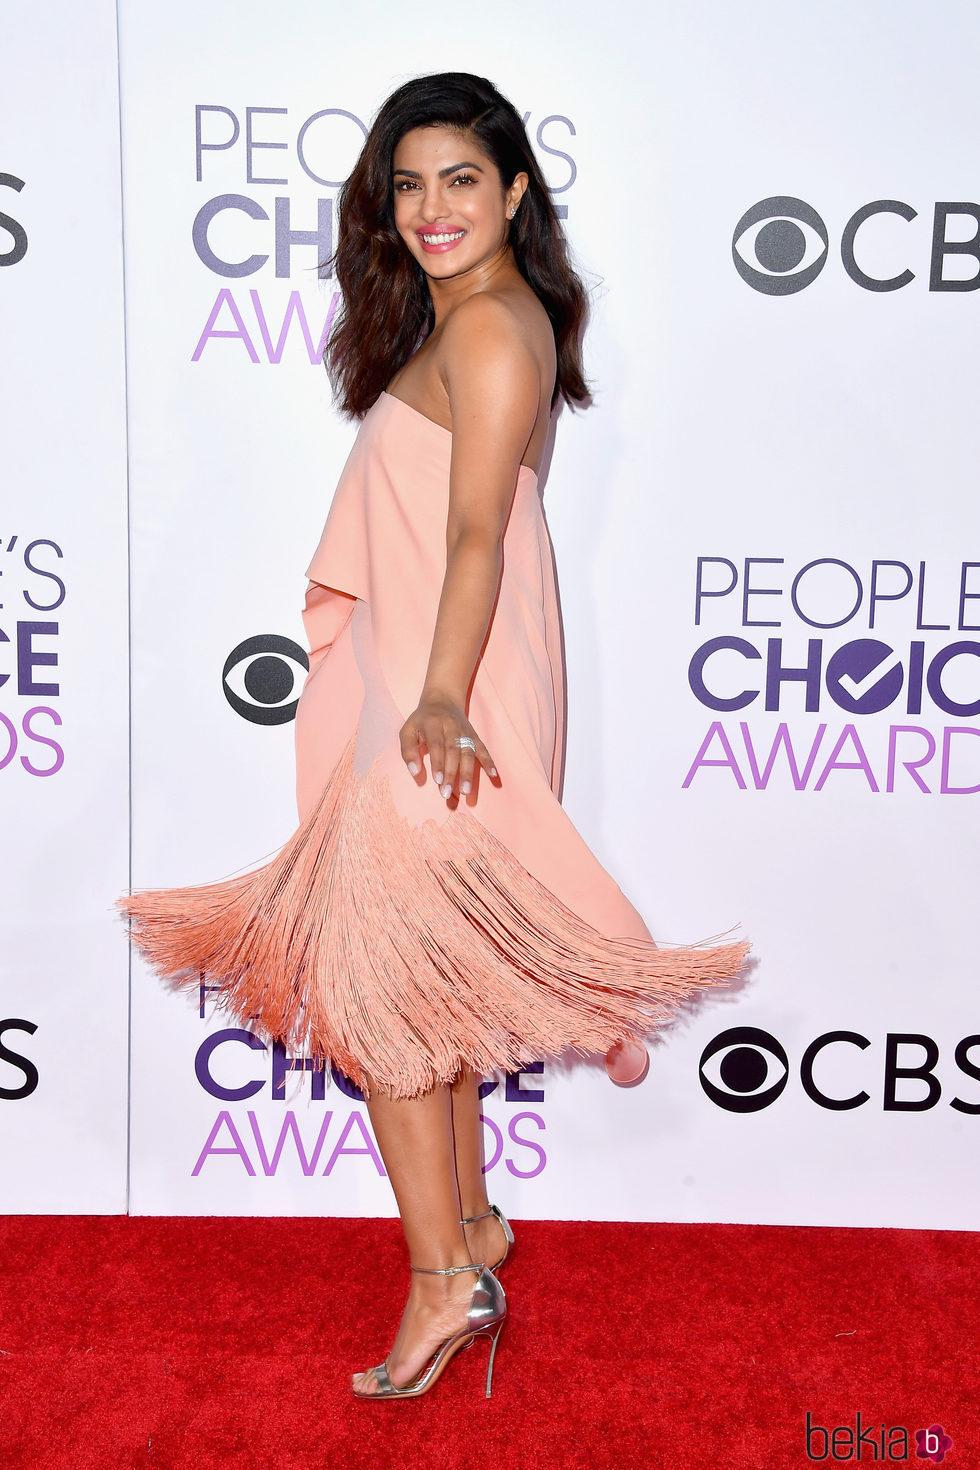 Priyanka Chopra luciendo su espectacular vestido en los People's Choice Awards 2017